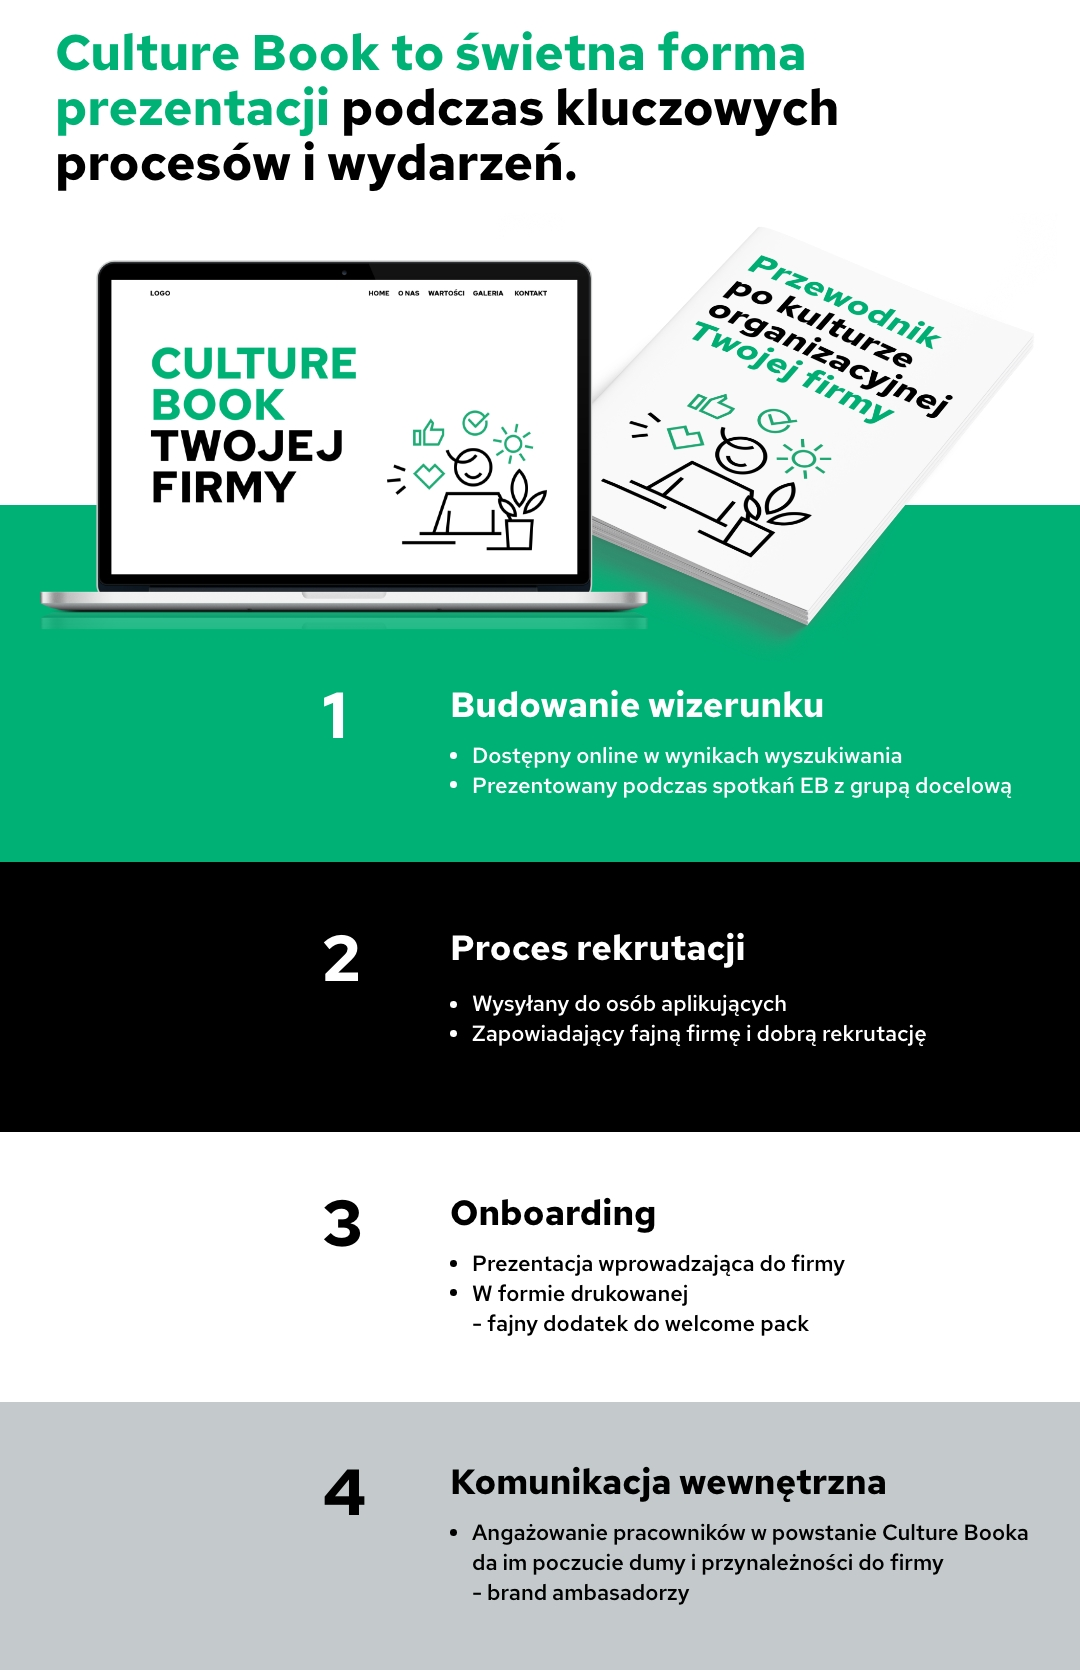 Culture Book etapy tworzenia